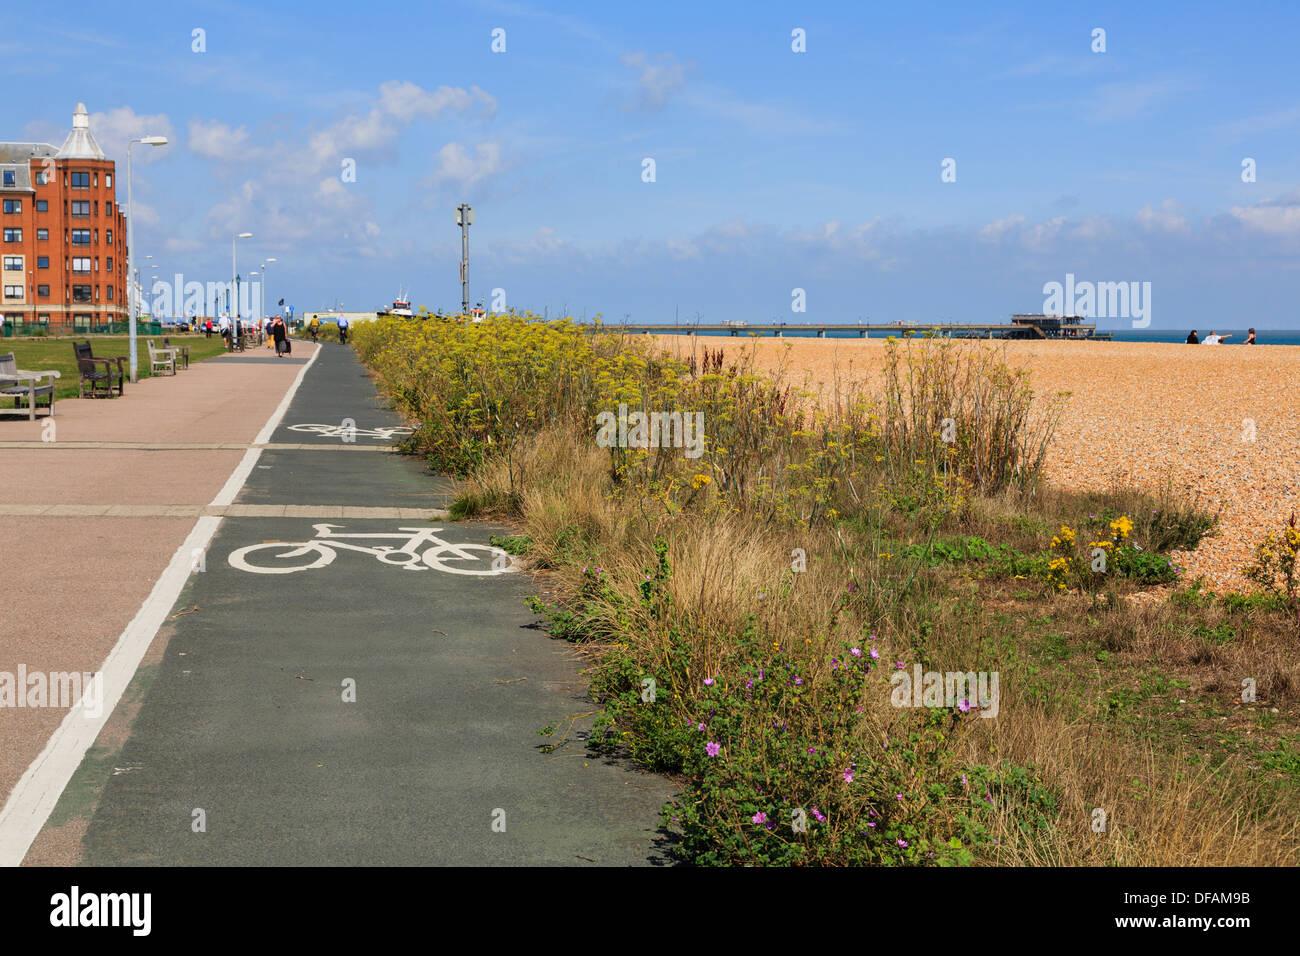 Red nacional de ciclo ruta 1 con el signo en el paseo marítimo de la playa de Walmer en Deal, Kent, Inglaterra, Reino Unido, Gran Bretaña Imagen De Stock